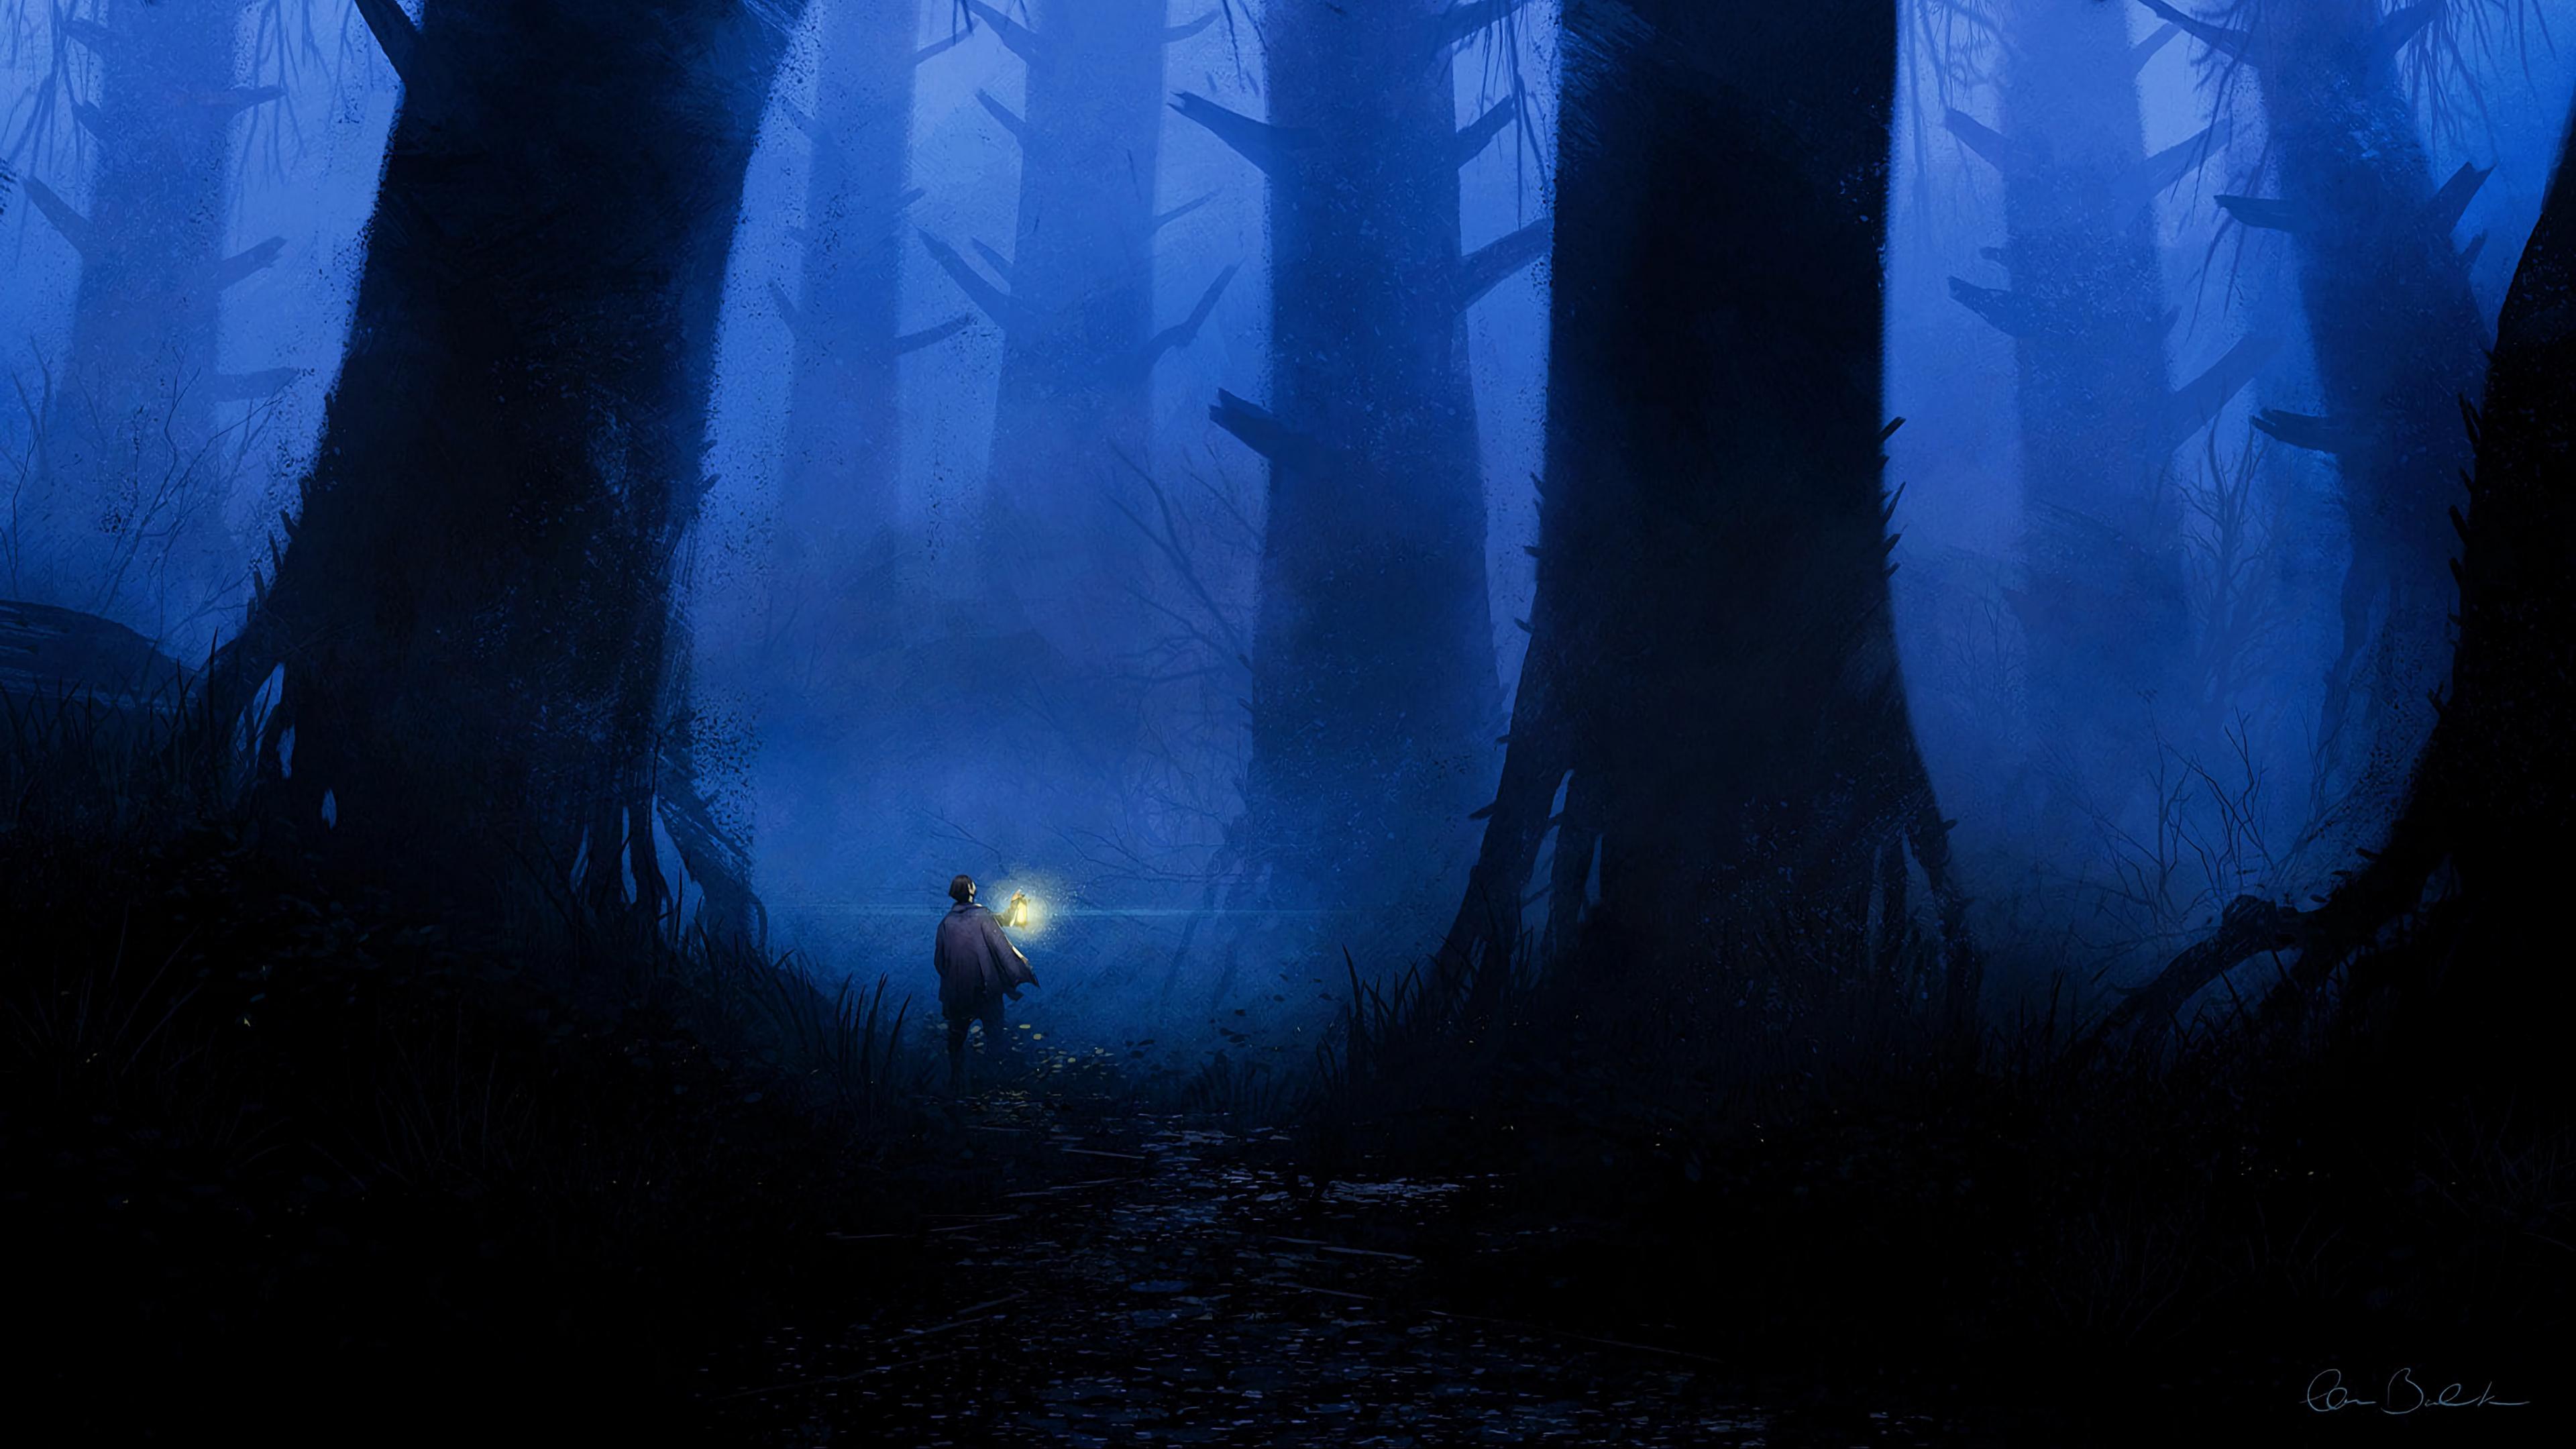 forest loneliness art lantern trees fog 4k 1541971206 - forest, loneliness, art, lantern, trees, fog 4k - loneliness, Forest, art